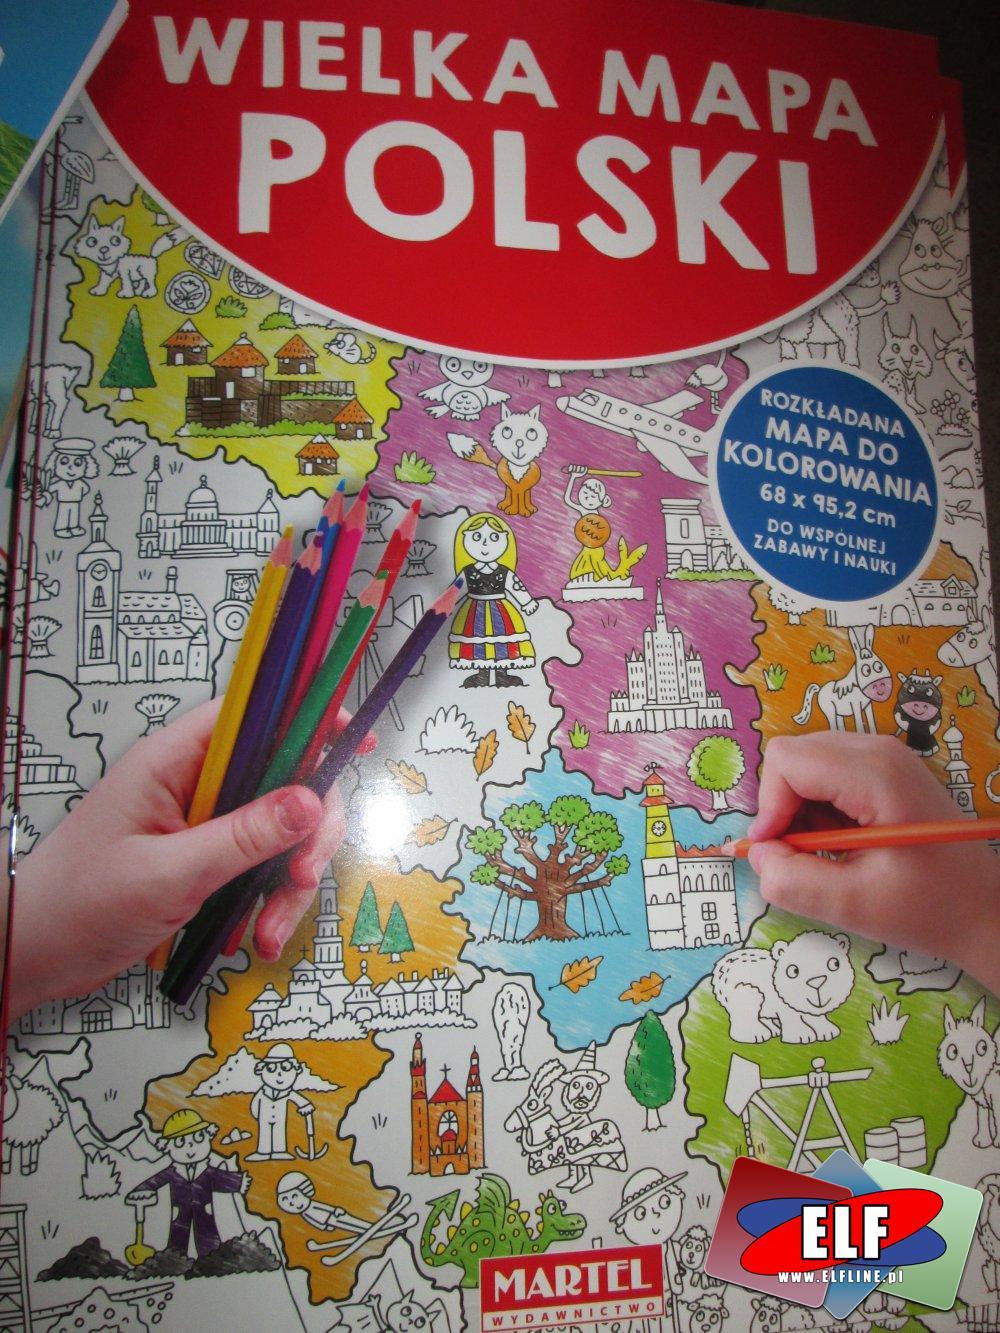 Wielka Mapa Polski Rozkładana Mapa Do Koloro W Sklepie Elf